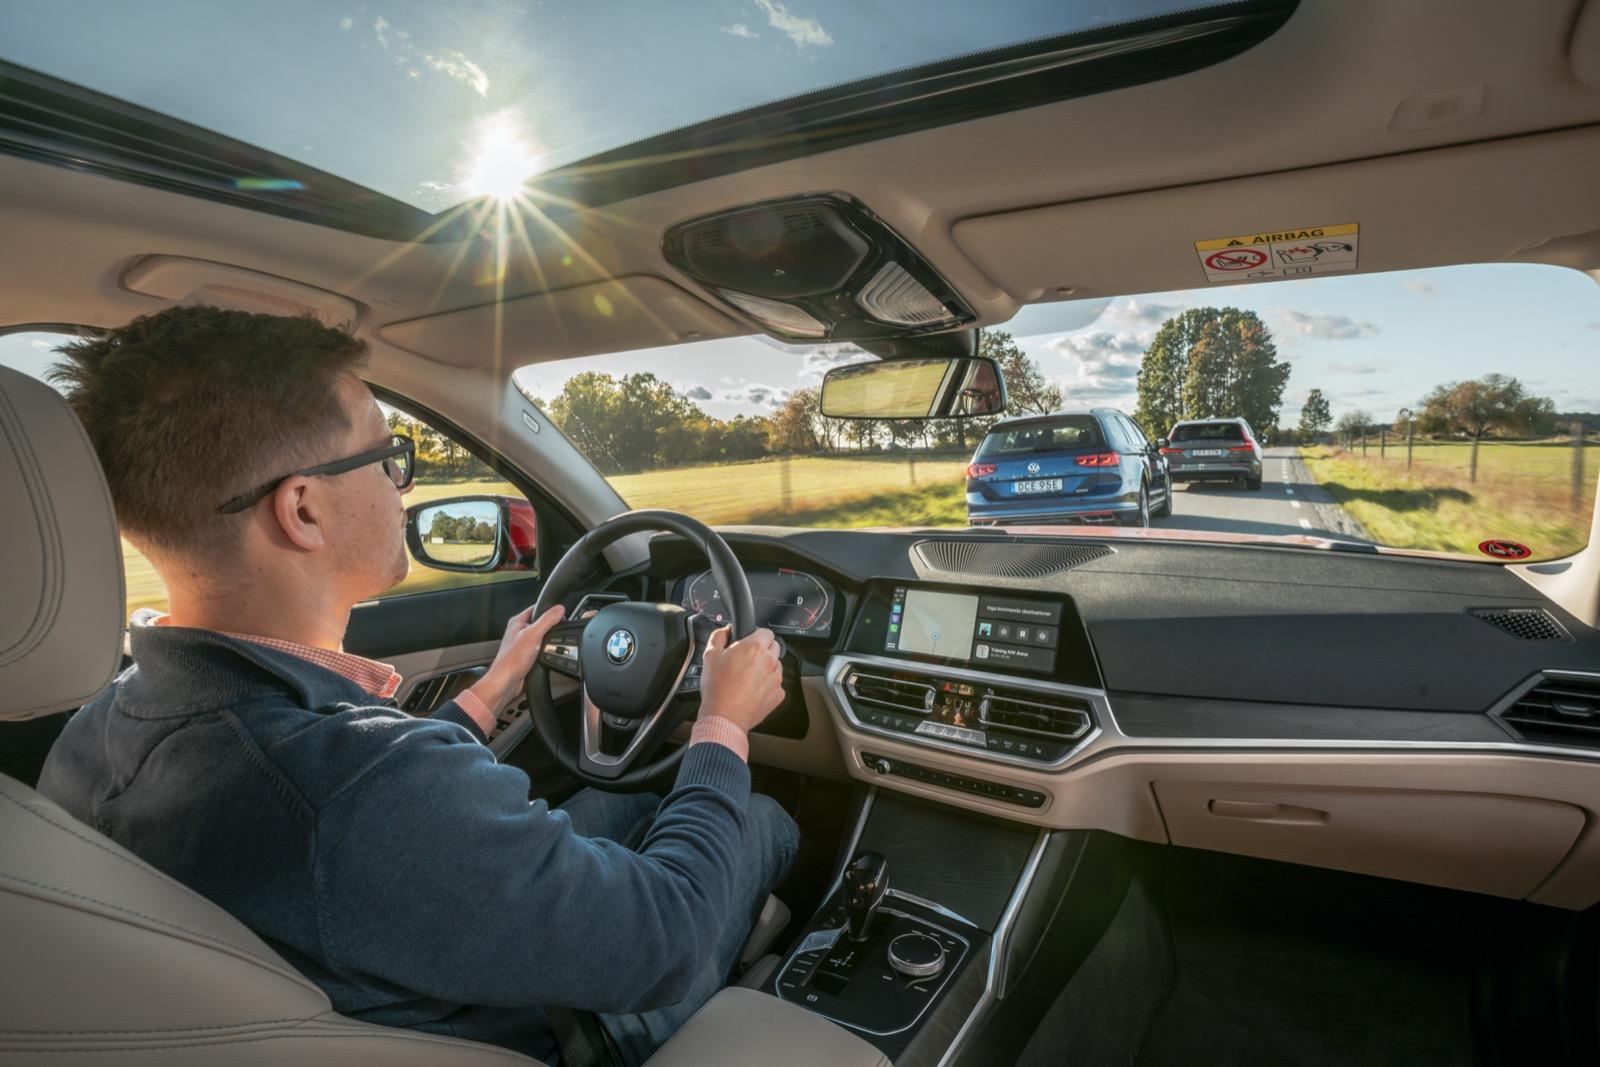 Invändigt känner dagens BMW-ägare snabbt igen sig. Nya 3:an har samma grundlayout med liggande menyskärm och klimatknappar på led.